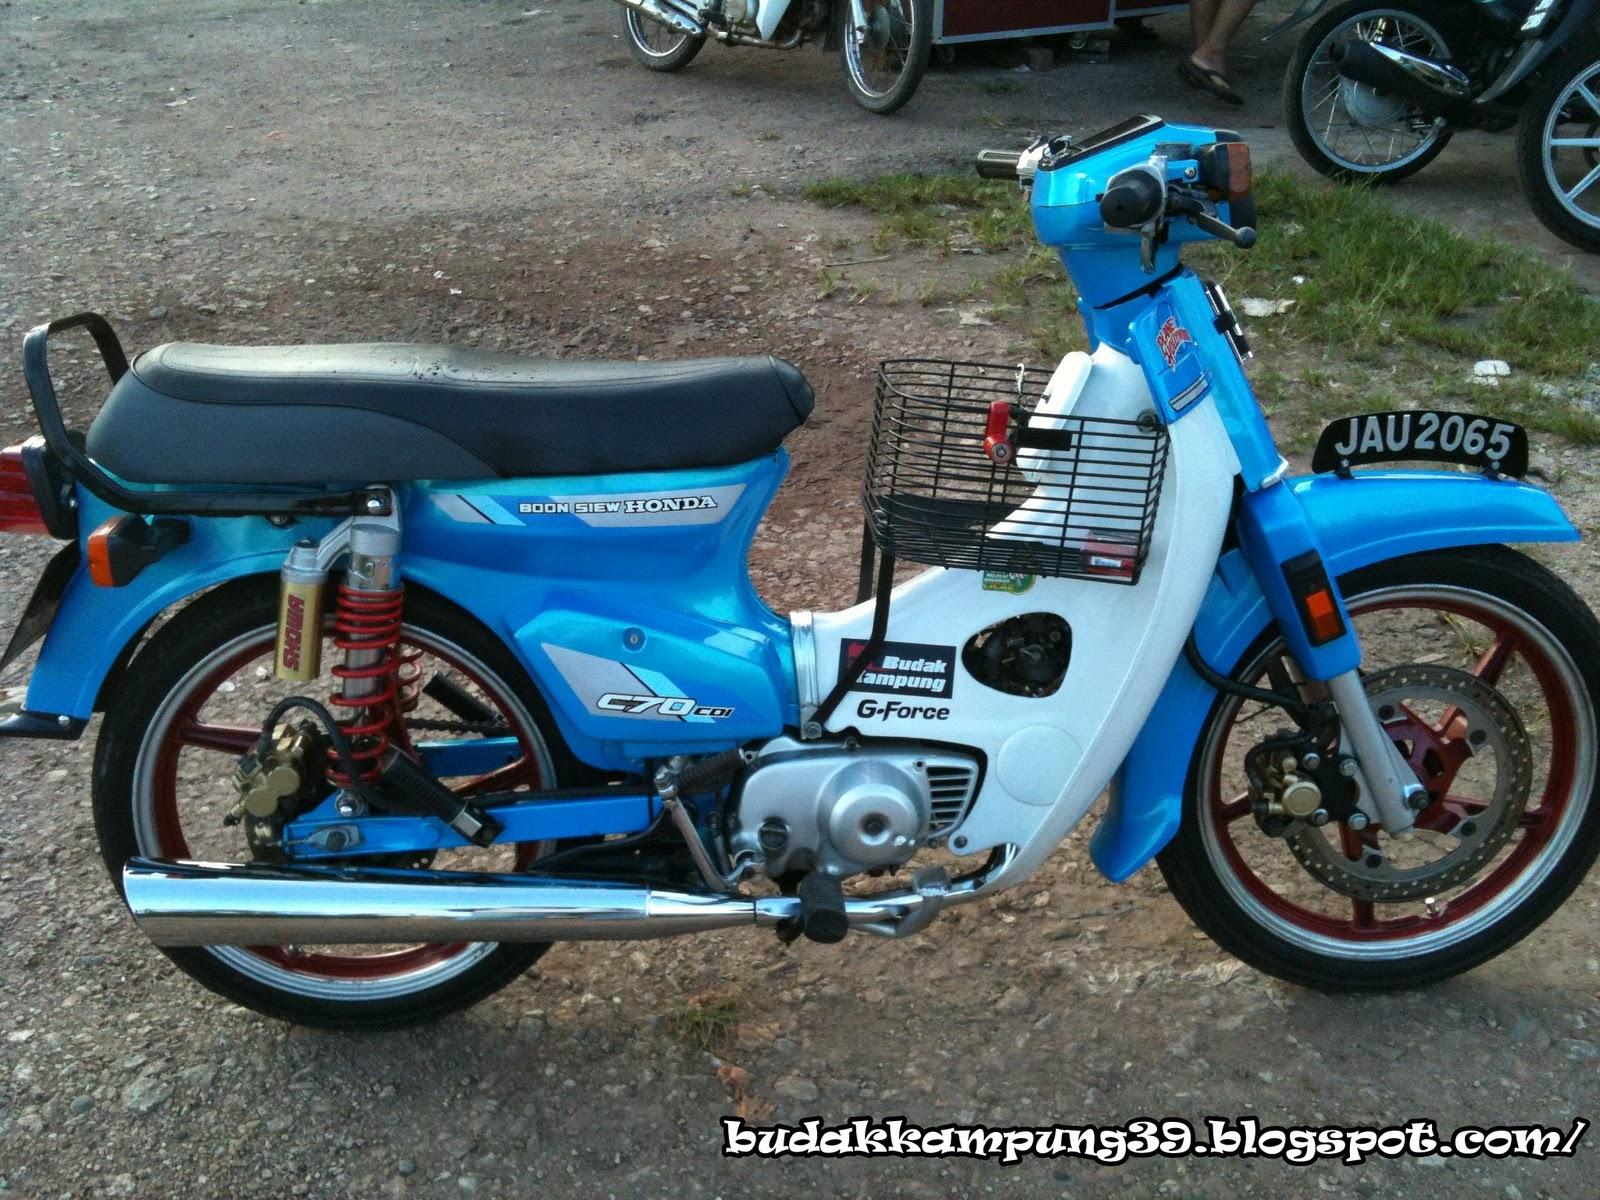 Kumpulan Gambar Motor Ex5 Modified Terbaru Kinyis Motor